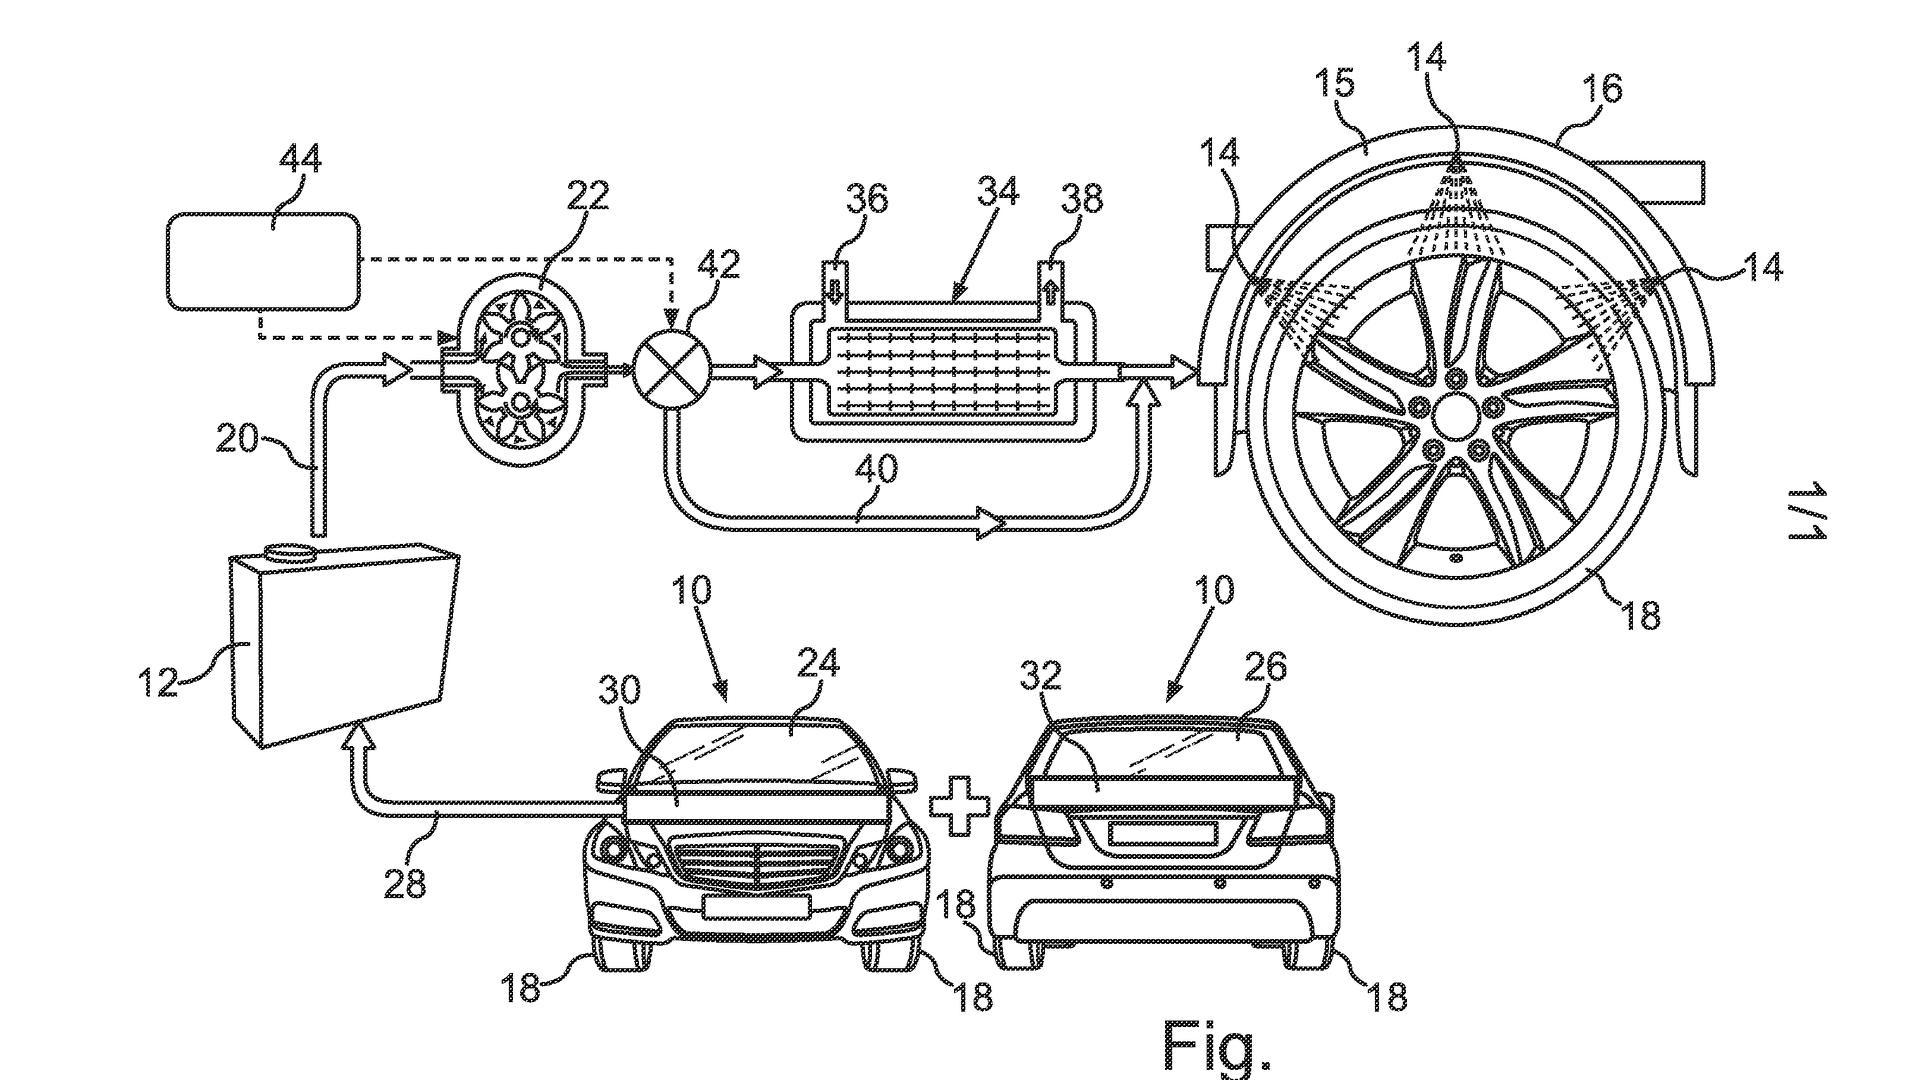 مرسيدس تسجل براءة إختراع لرشاشات مياه على العجلات